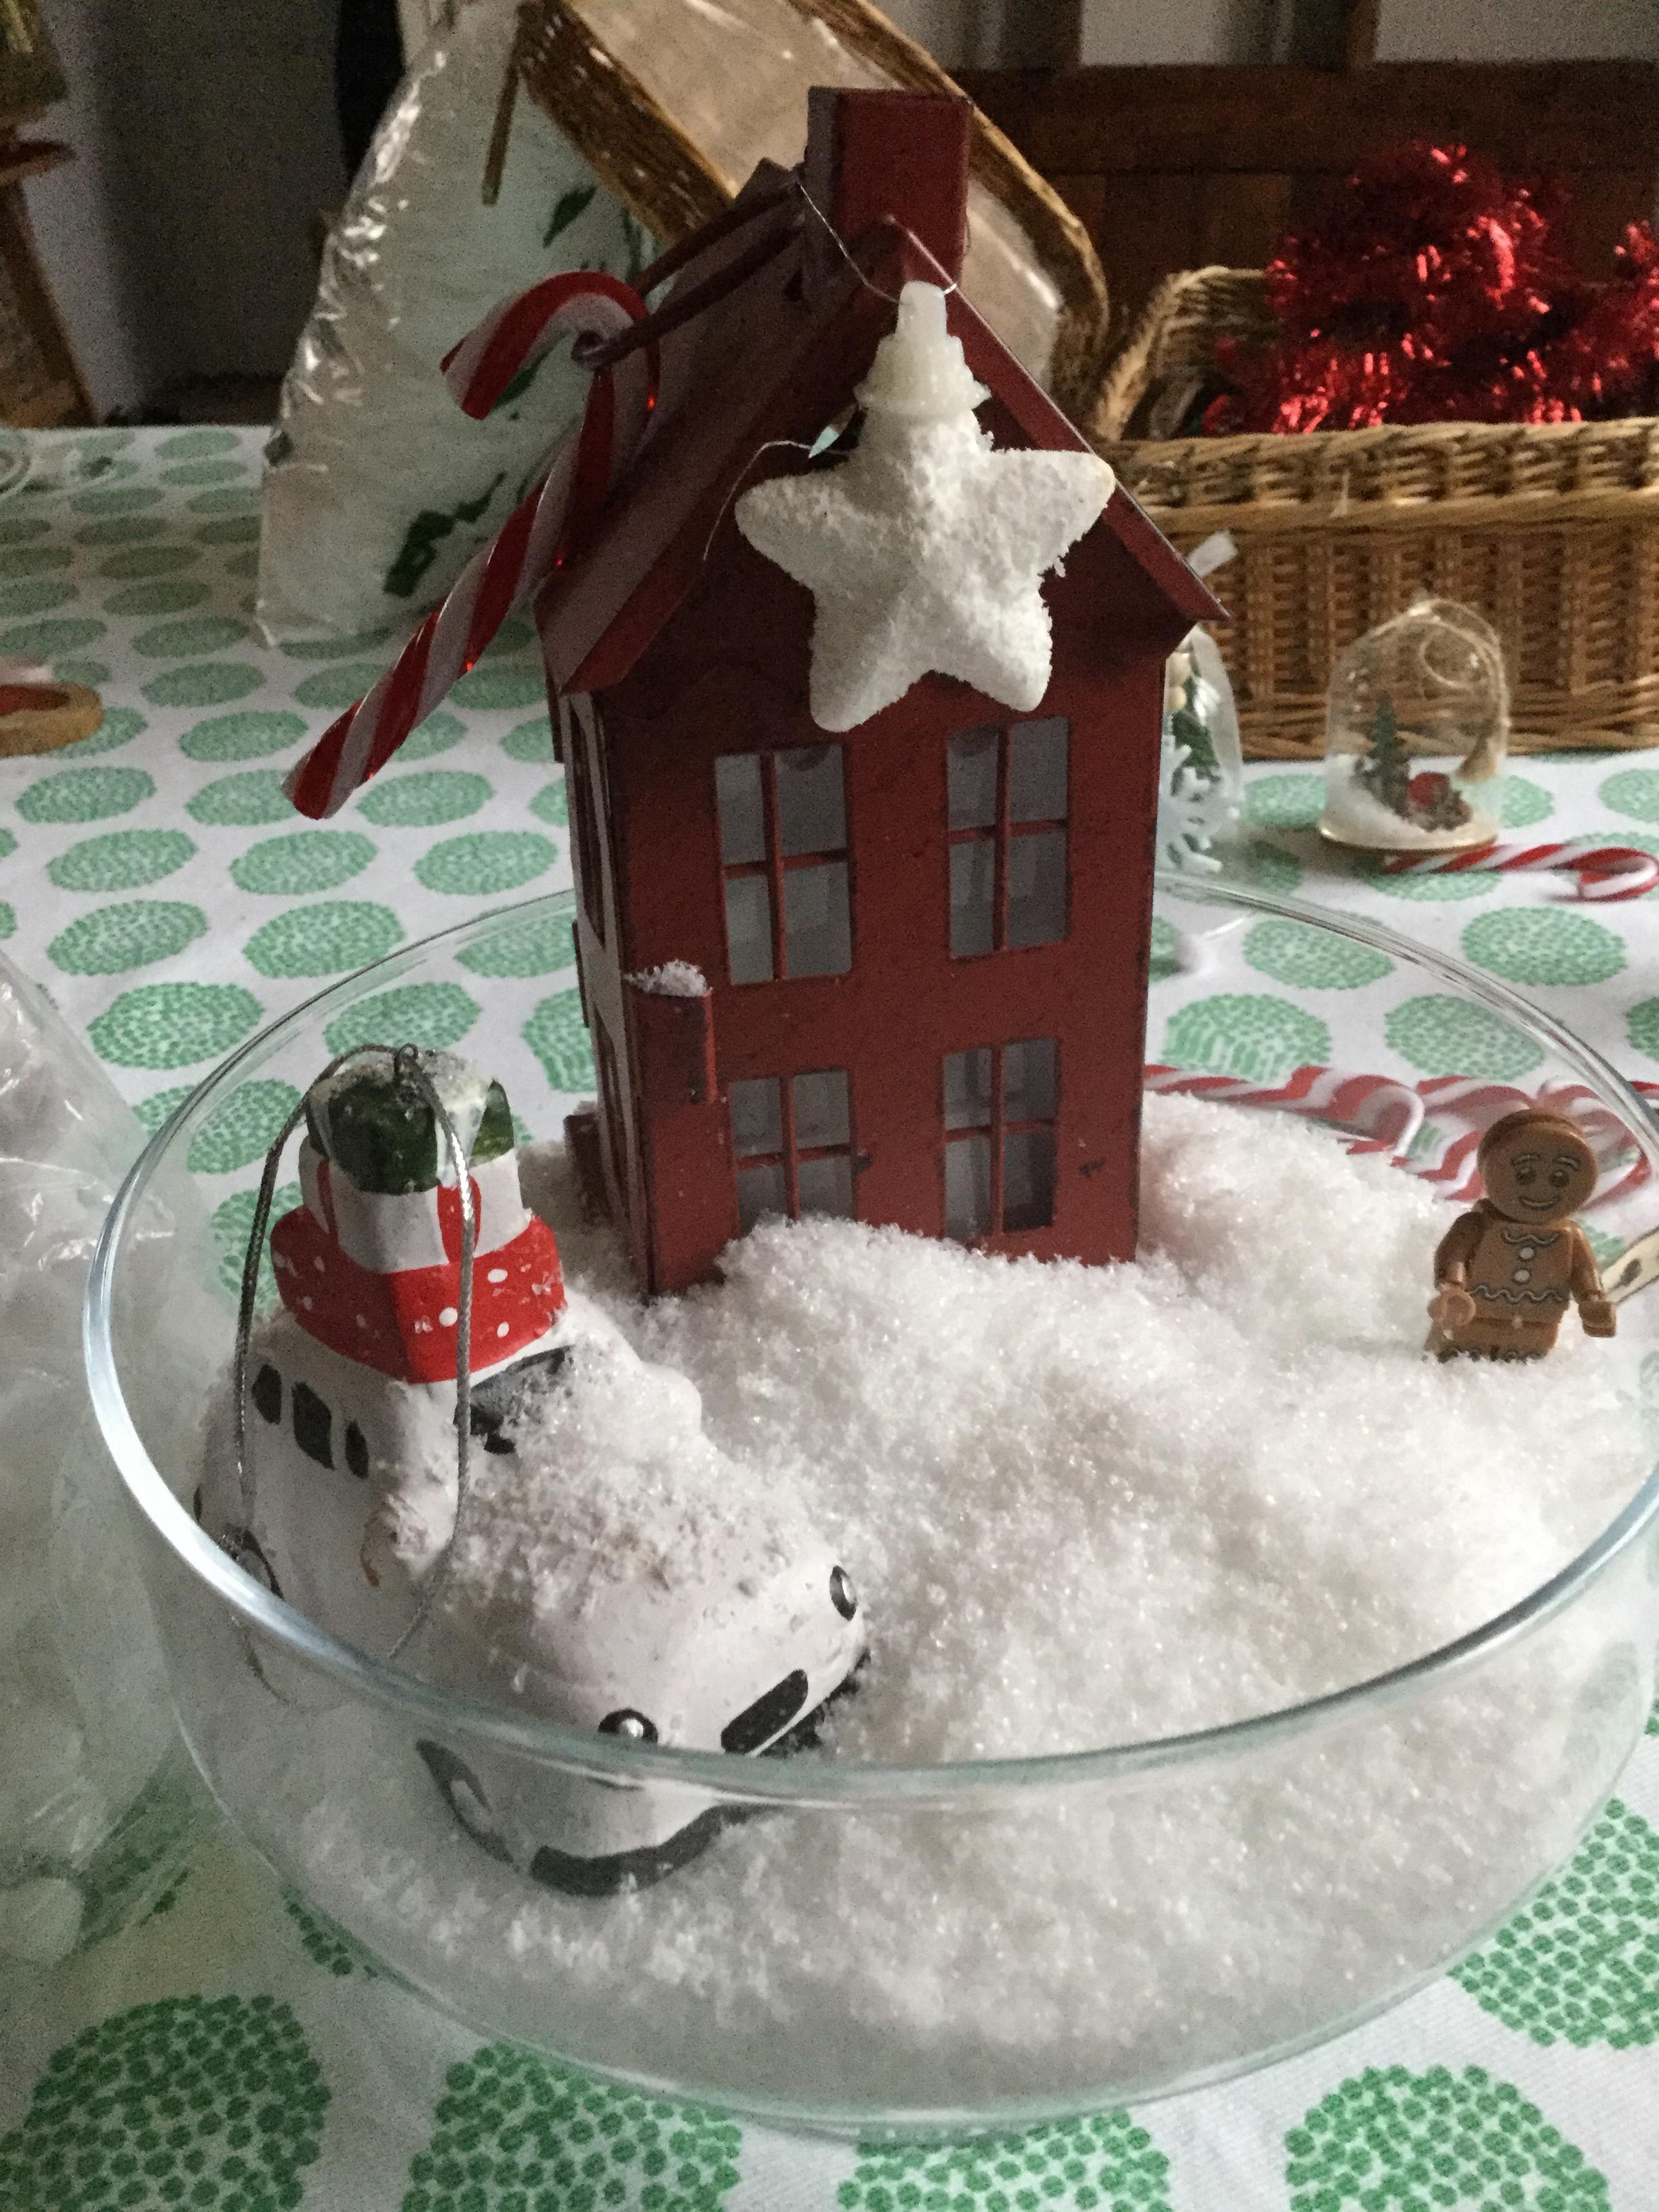 Plat arrondie en verre Zodio pour une deco de poudre de neige avec une petite voiture Zodio enneigée